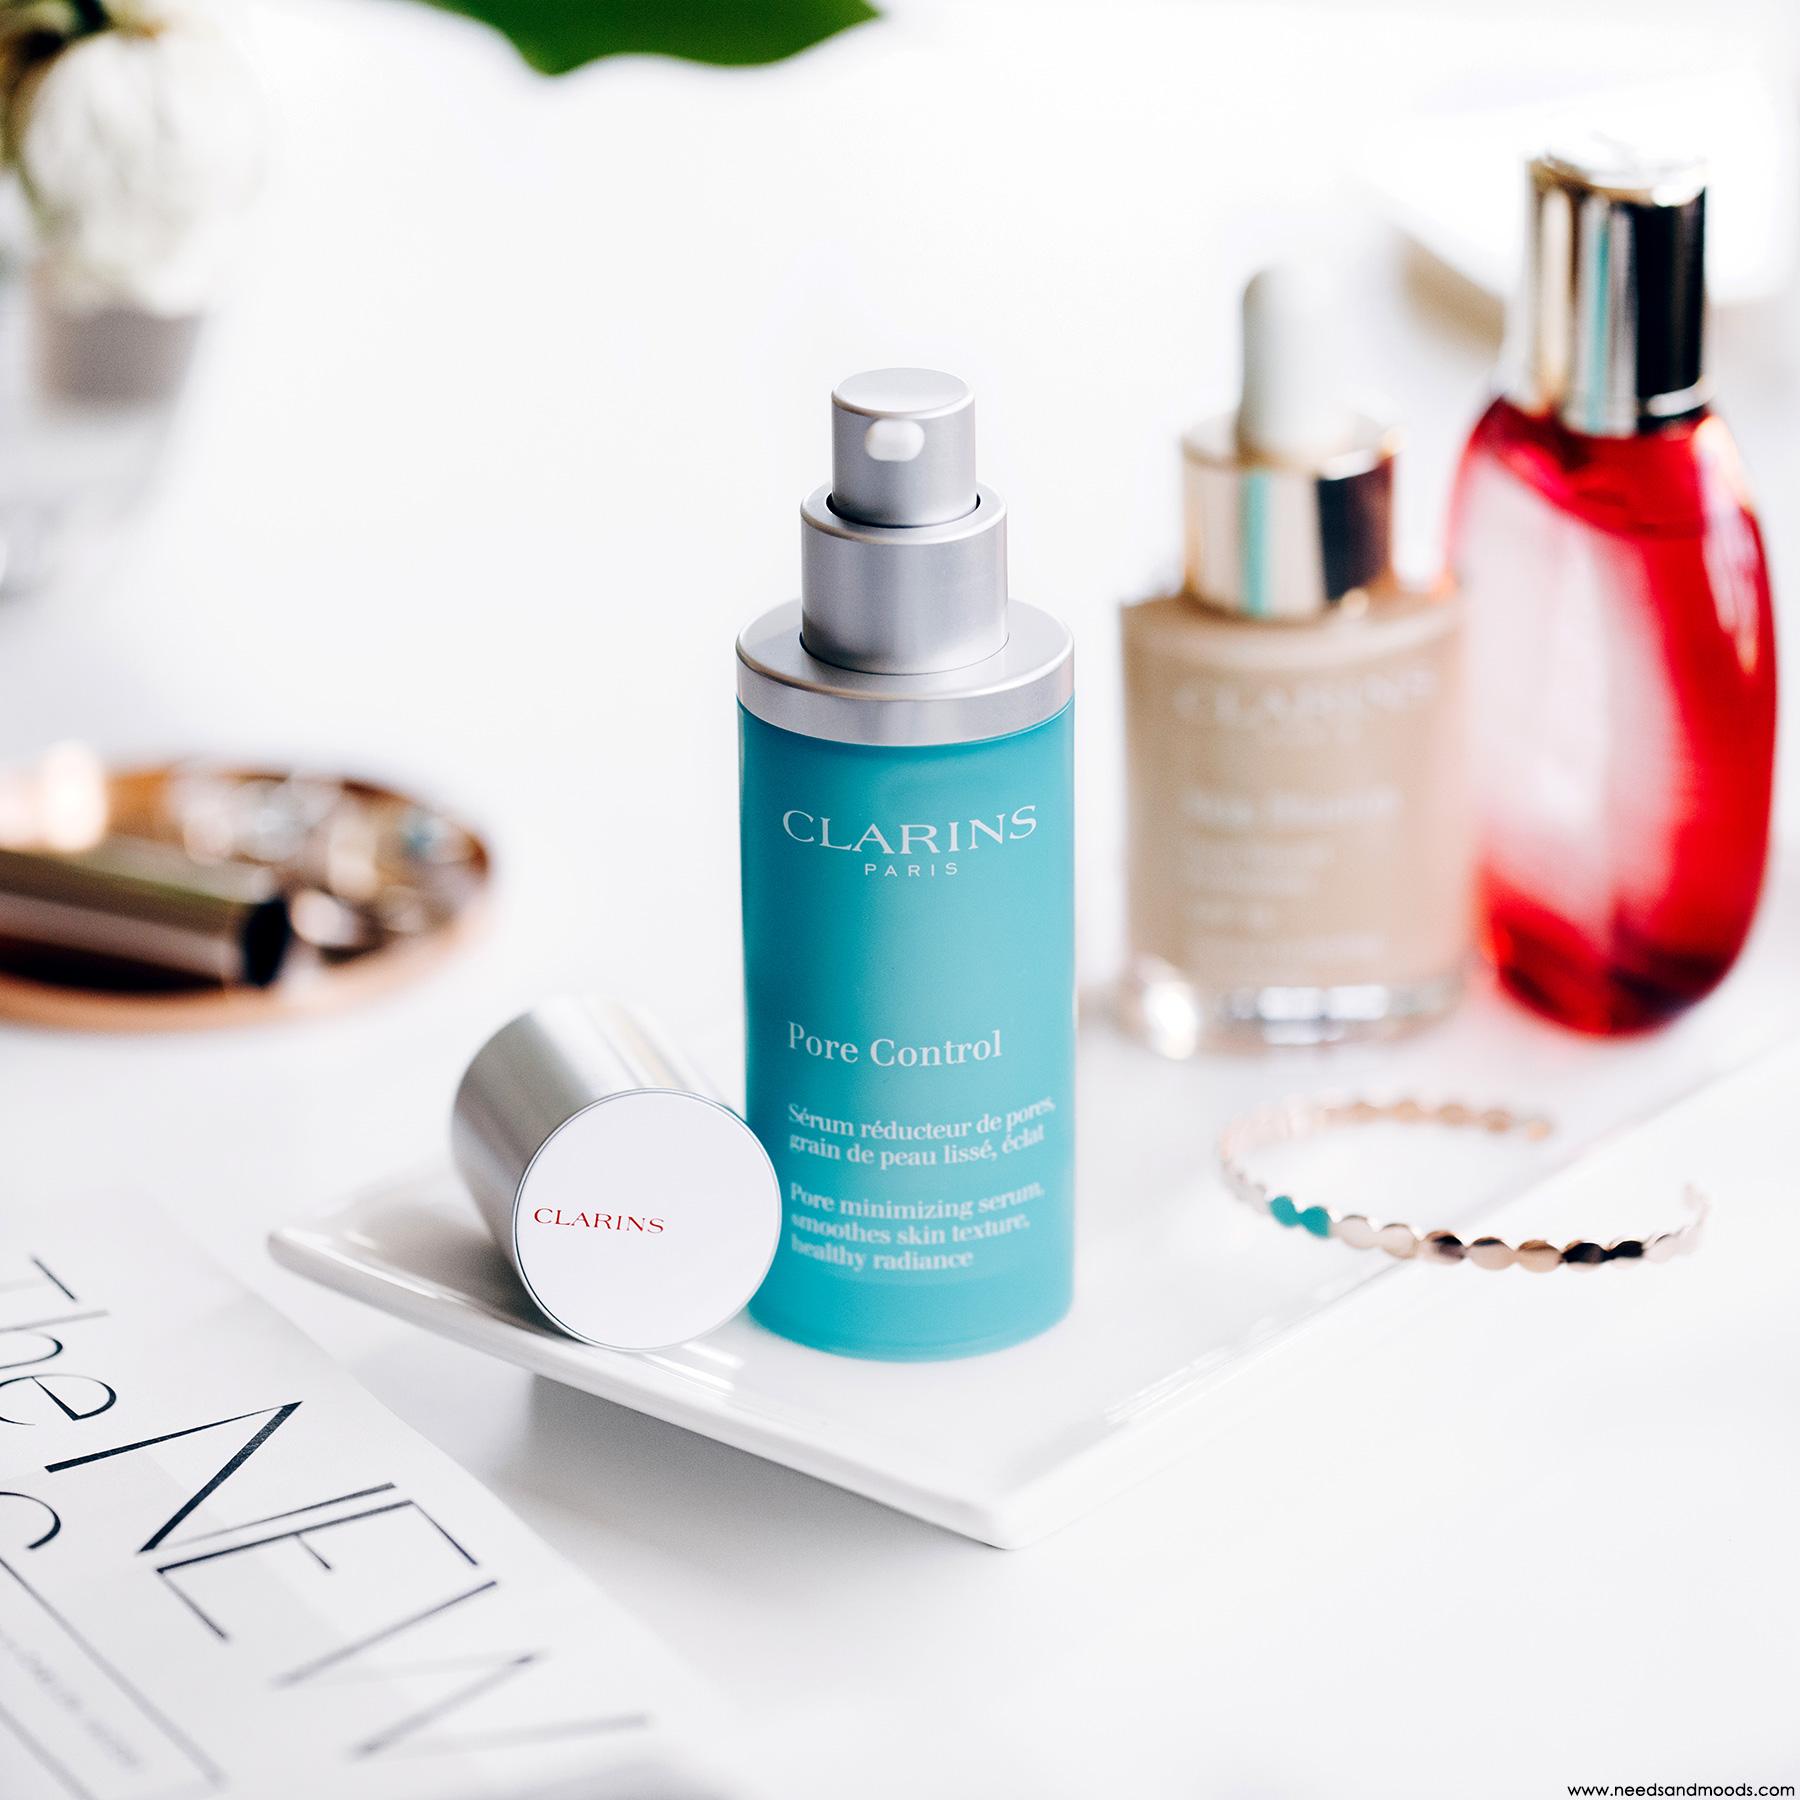 clarins serum pore control